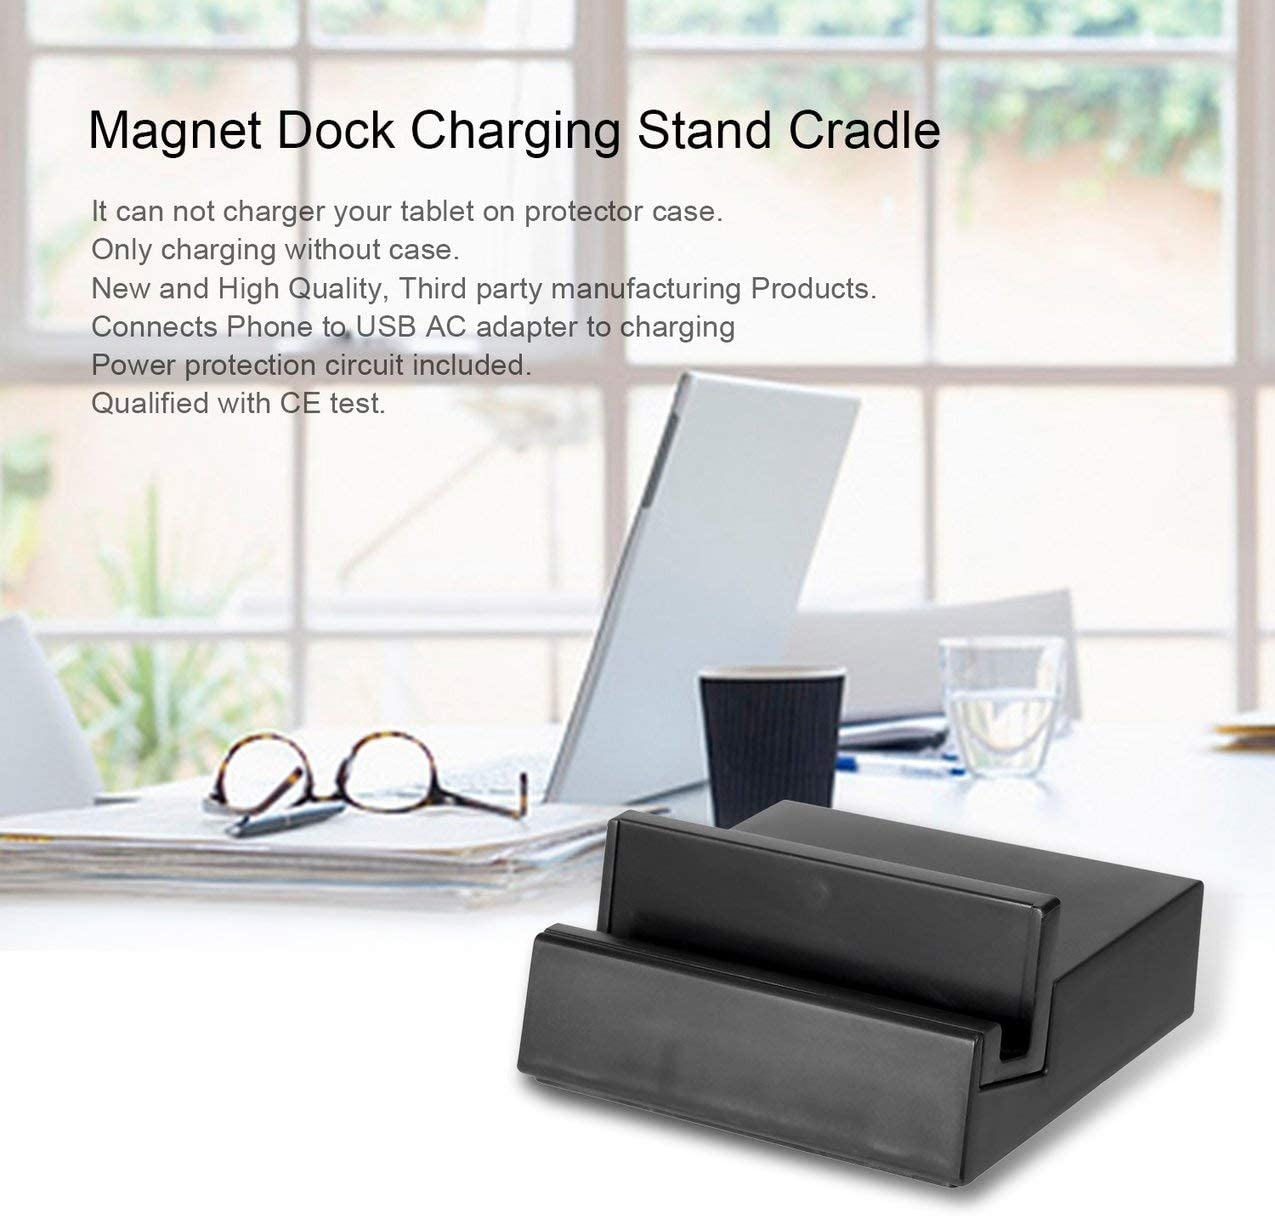 nero DK39 Magnetic Charging Dock Stand Base di ricarica per caricabatterie Desktop per Sony SGP521 SGP541 SGP551 Xperia Z2 Tablet Magnet DK39 Dock Base di ricarica per ricarica